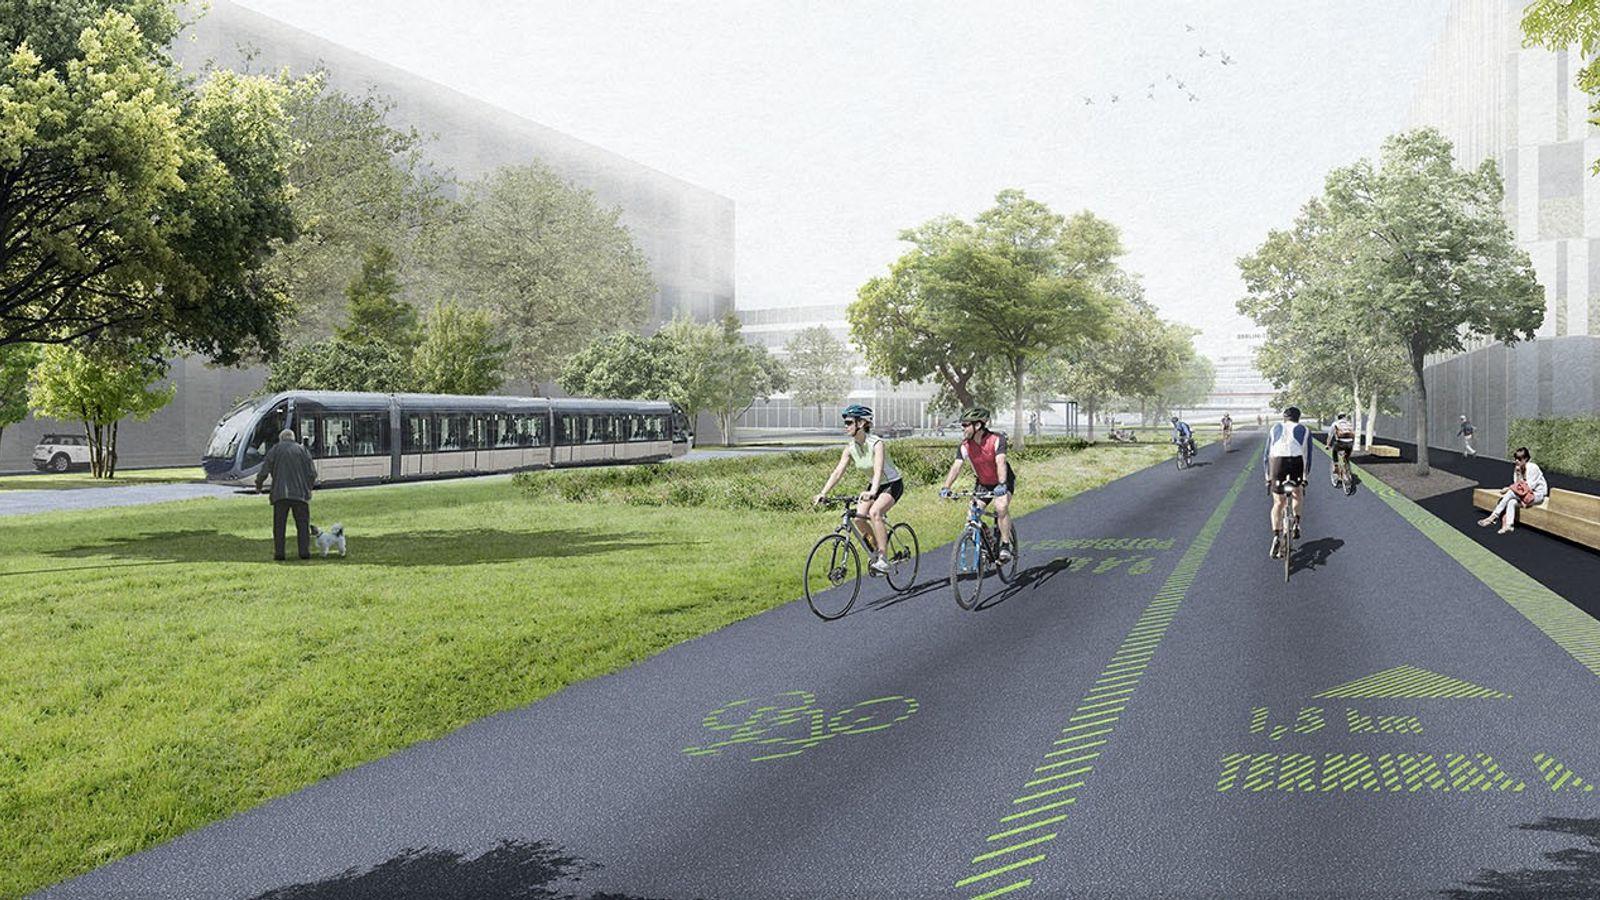 Plans for Berlin Tegel's redevelopment